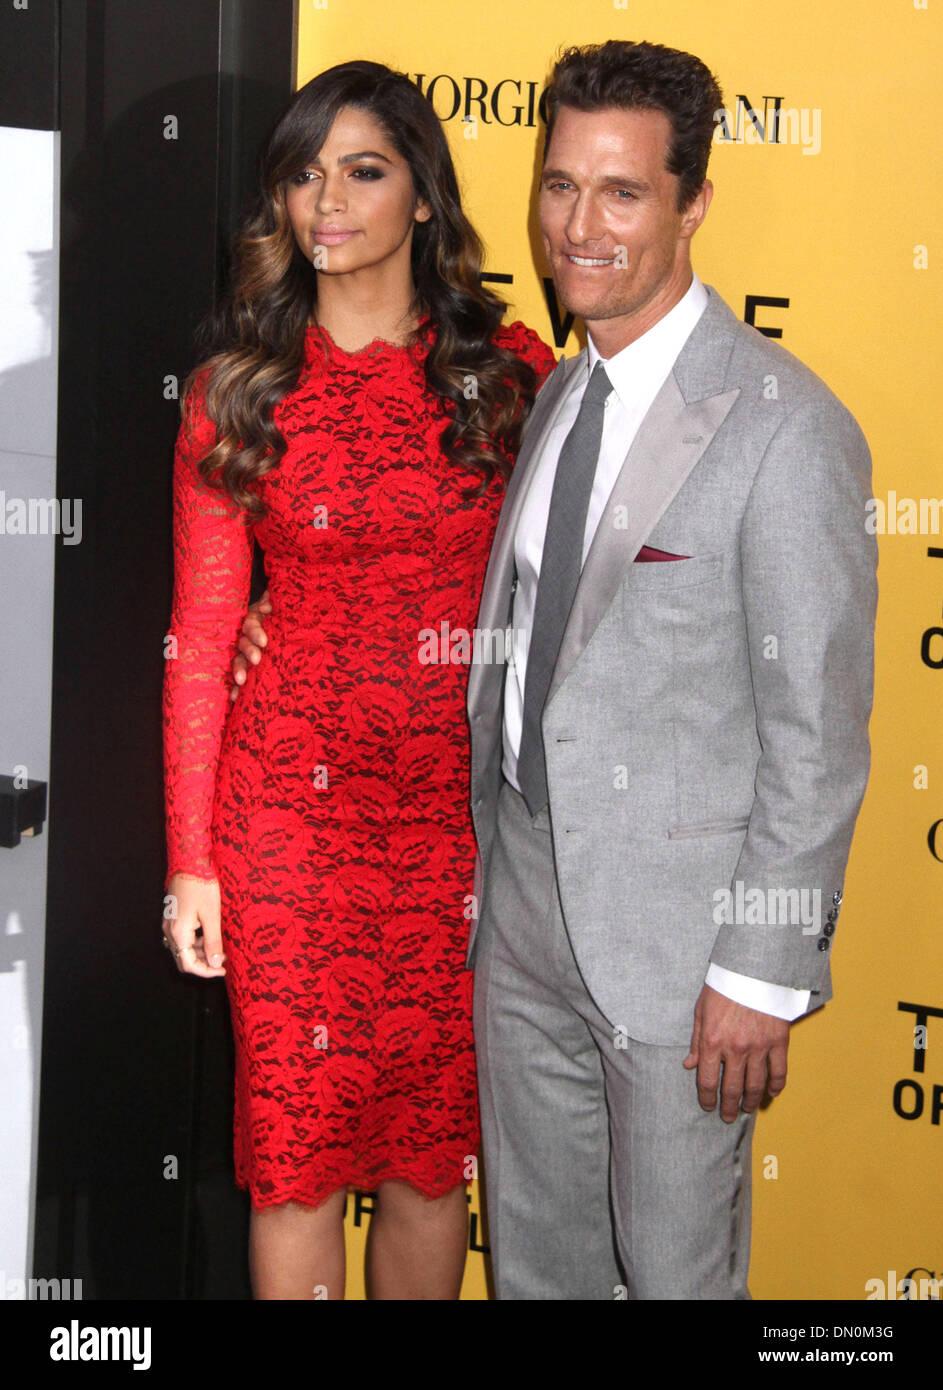 Attore Matthew McConaughey e moglie Camila Alves arriva al 49.Goldene  Kamera 2014 di hangar aeroporto Tempelhof di Berlino in Germania, su 01.  Febbraio 2014 Foto stock - Alamy